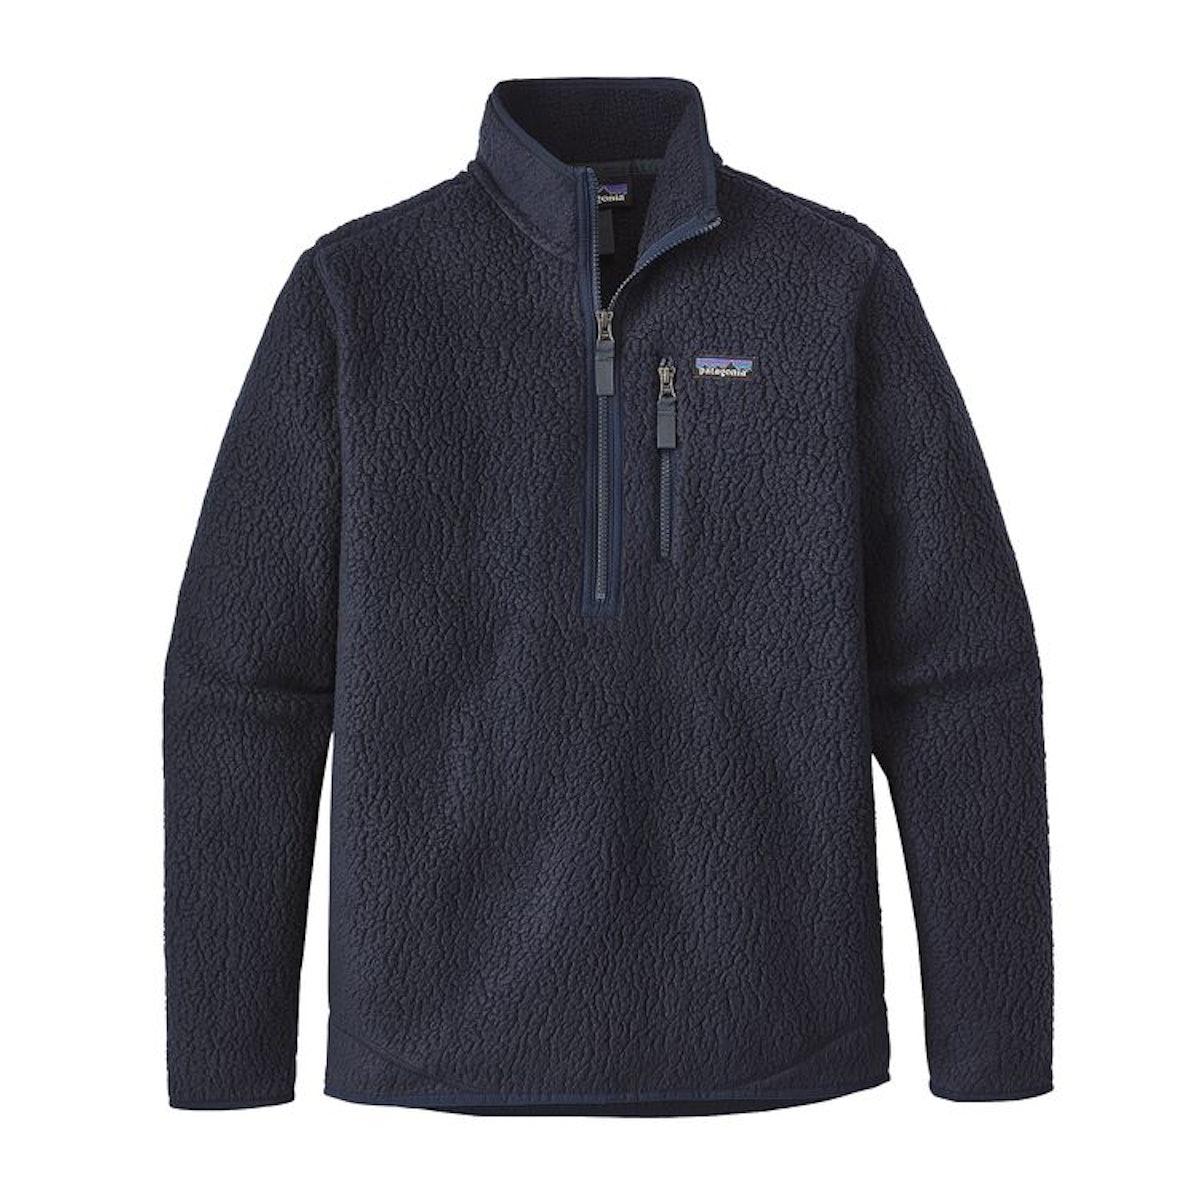 Retro Pile Fleece Pullover